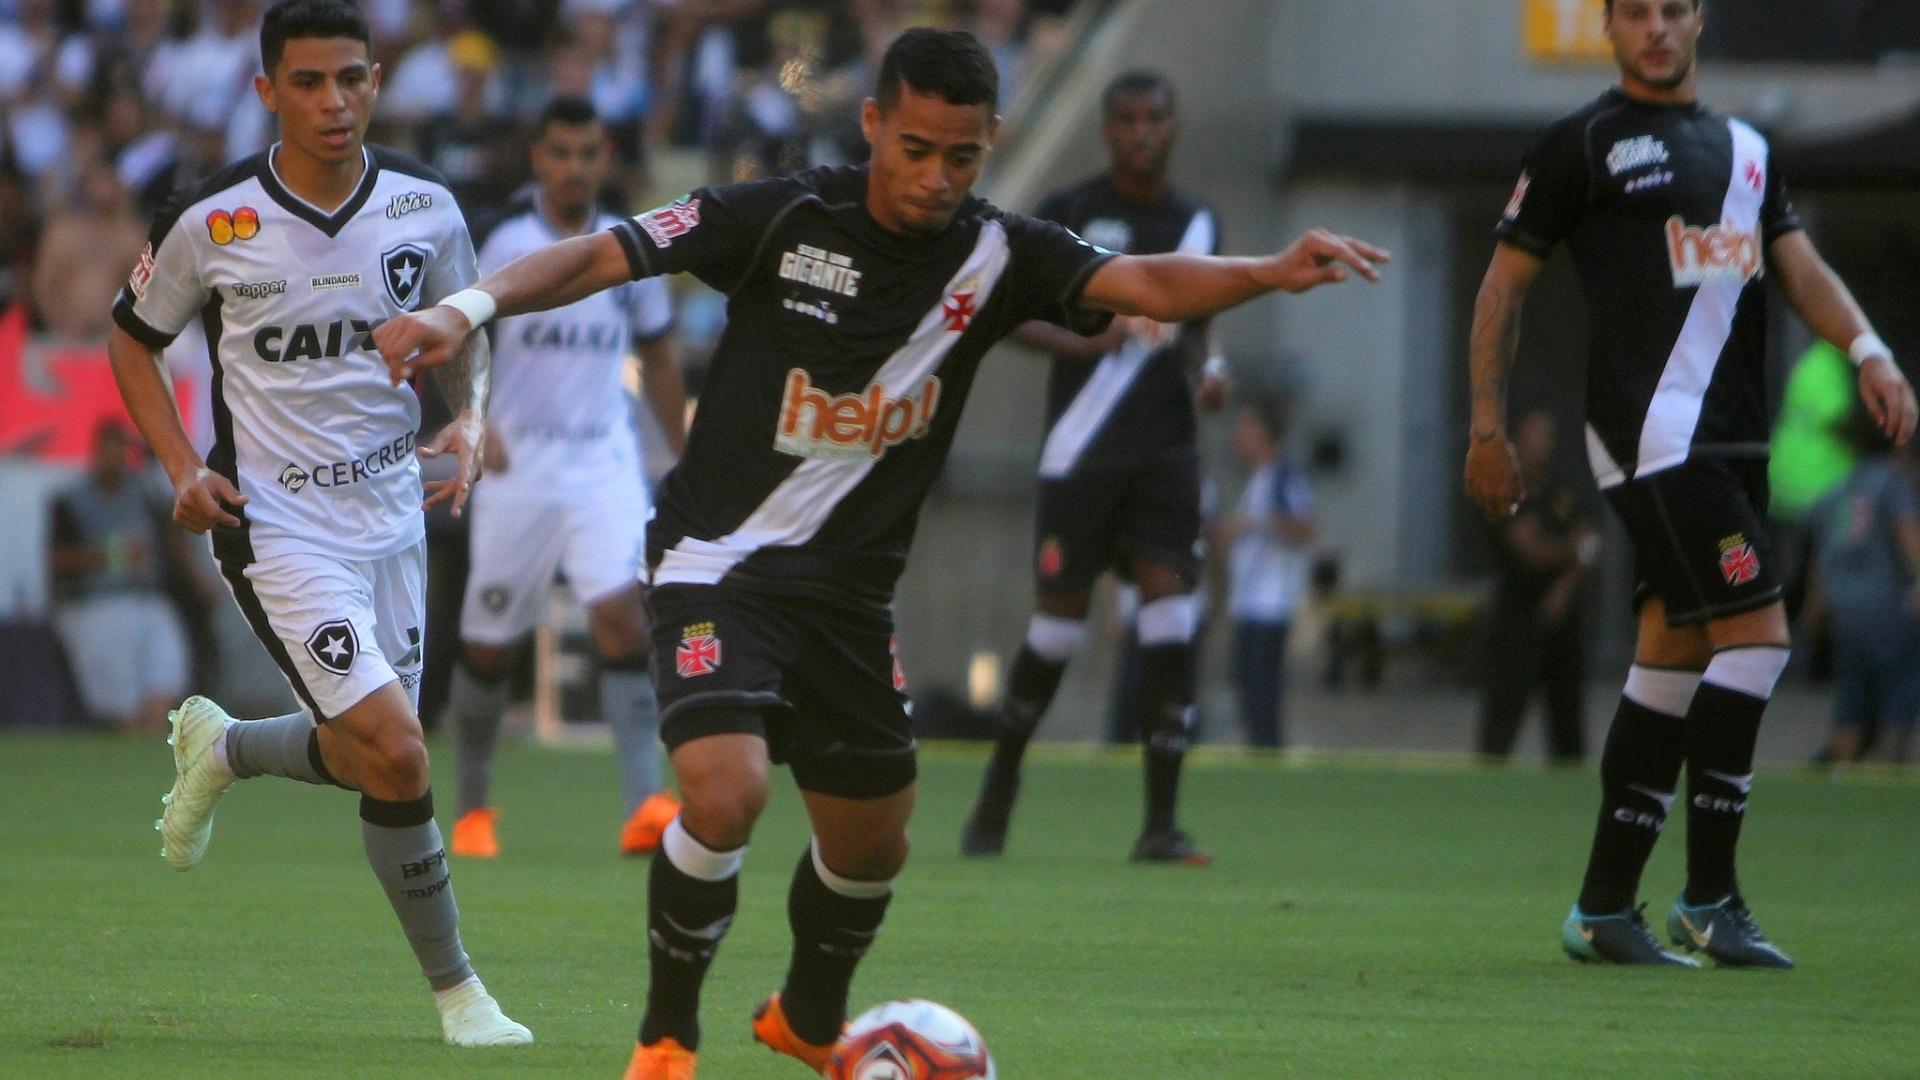 Yago Pikachu conduz a bola na partida entre Vasco e Botafogo na decisão do Campeonato Carioca 2018